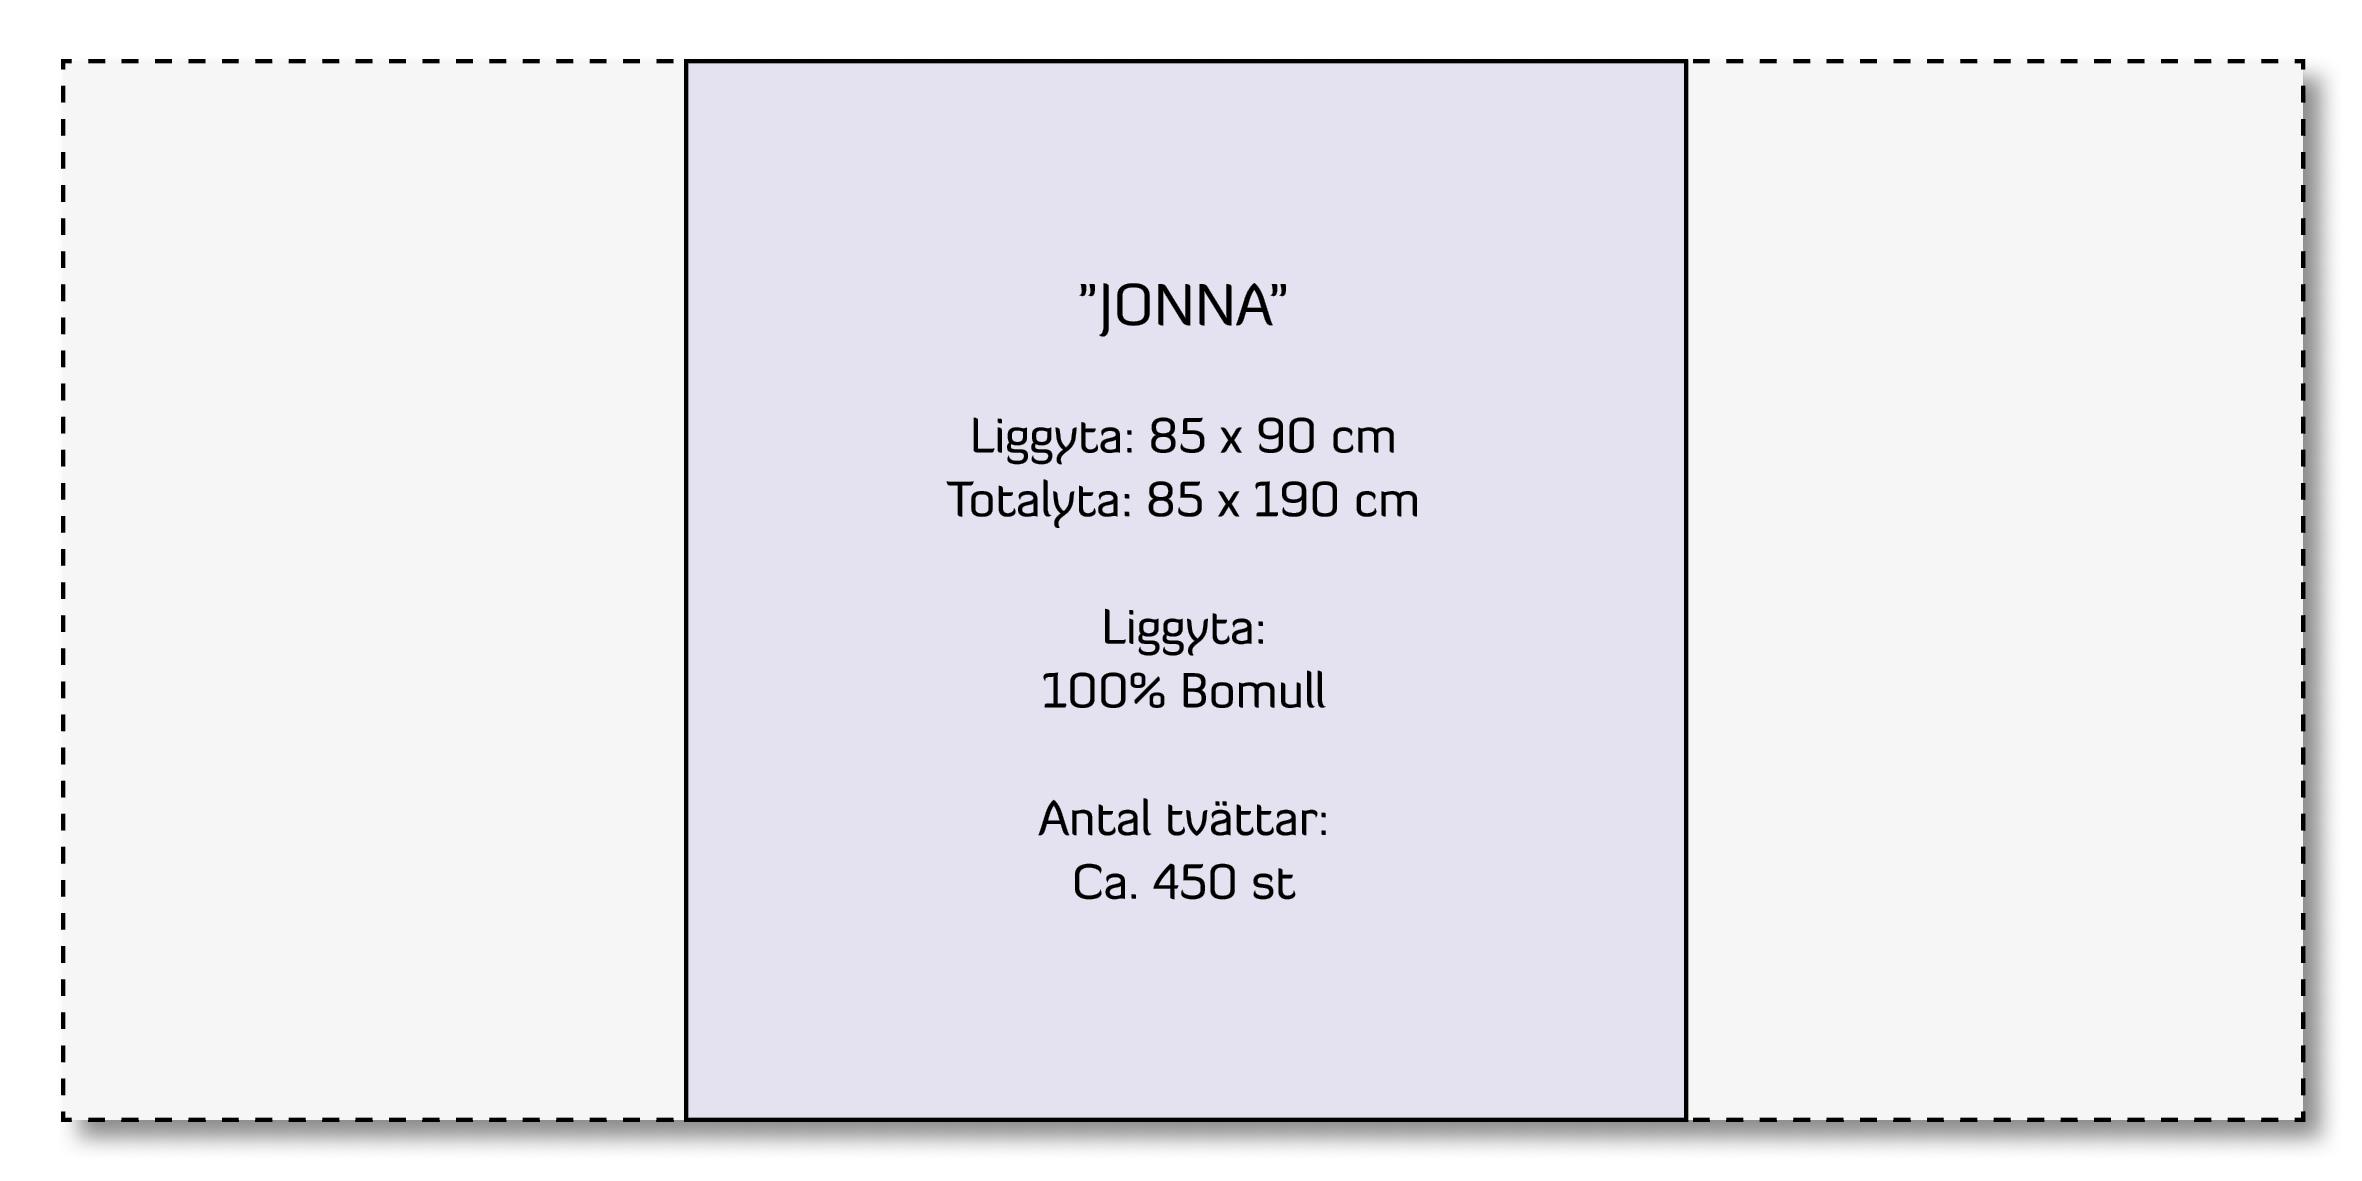 Streckskiss JONNA